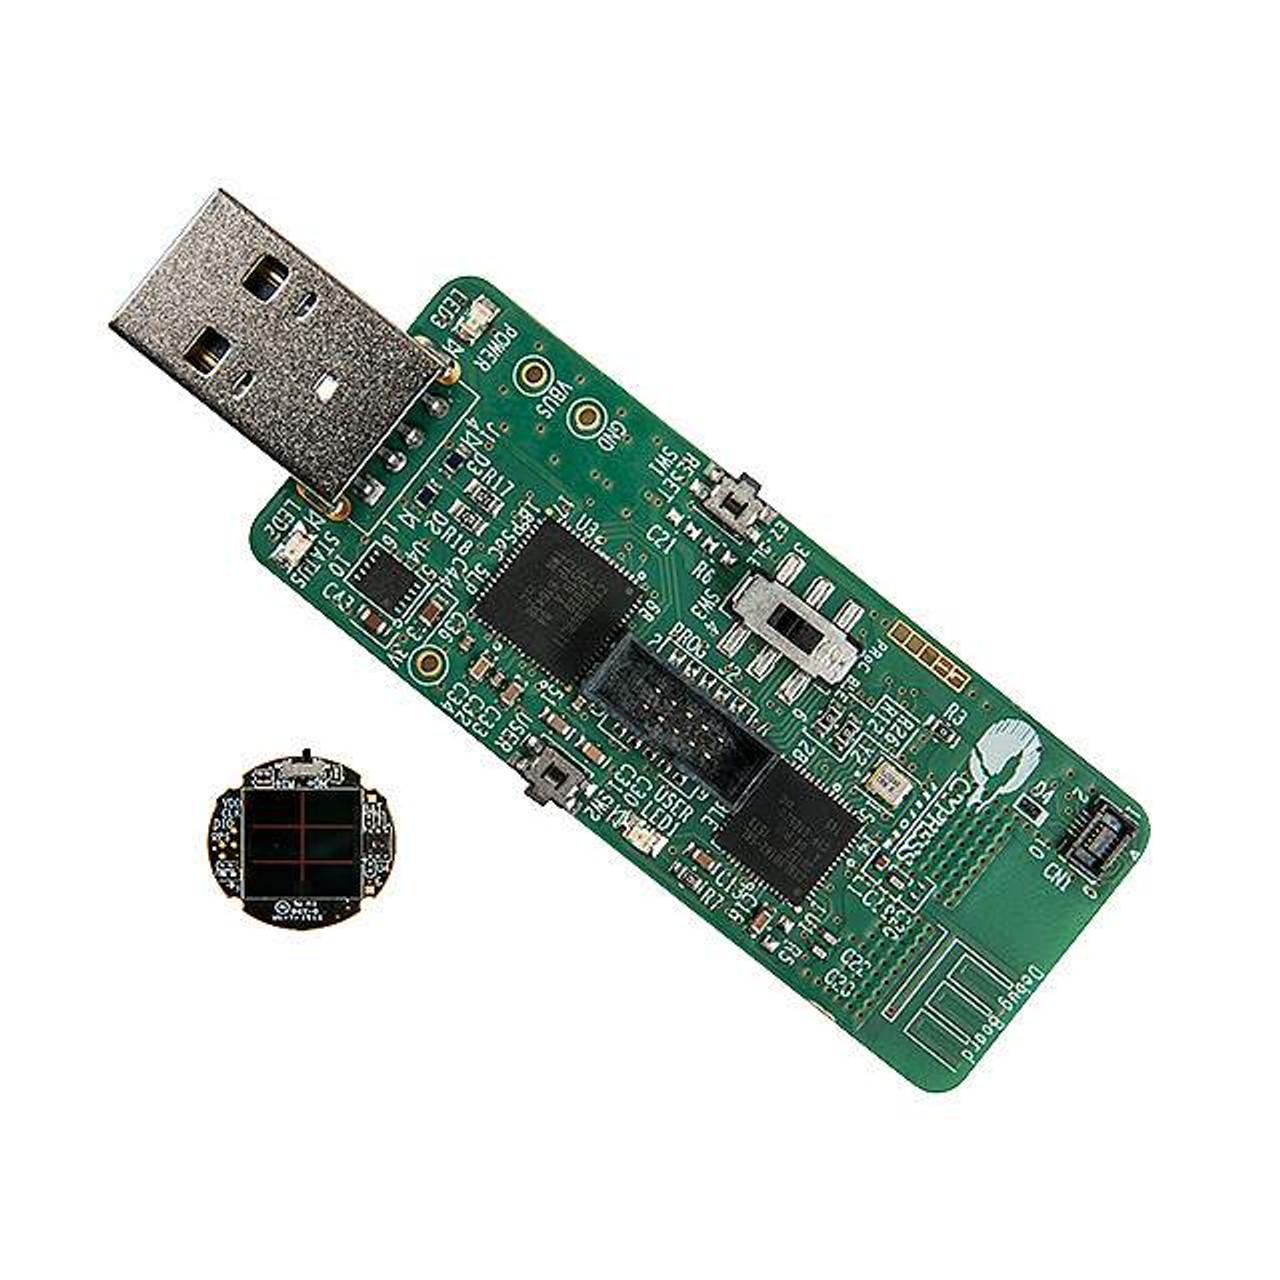 CYALKIT-E02 Solar-Powered BLE Sensor Beacon Reference Design Kit (RDK)